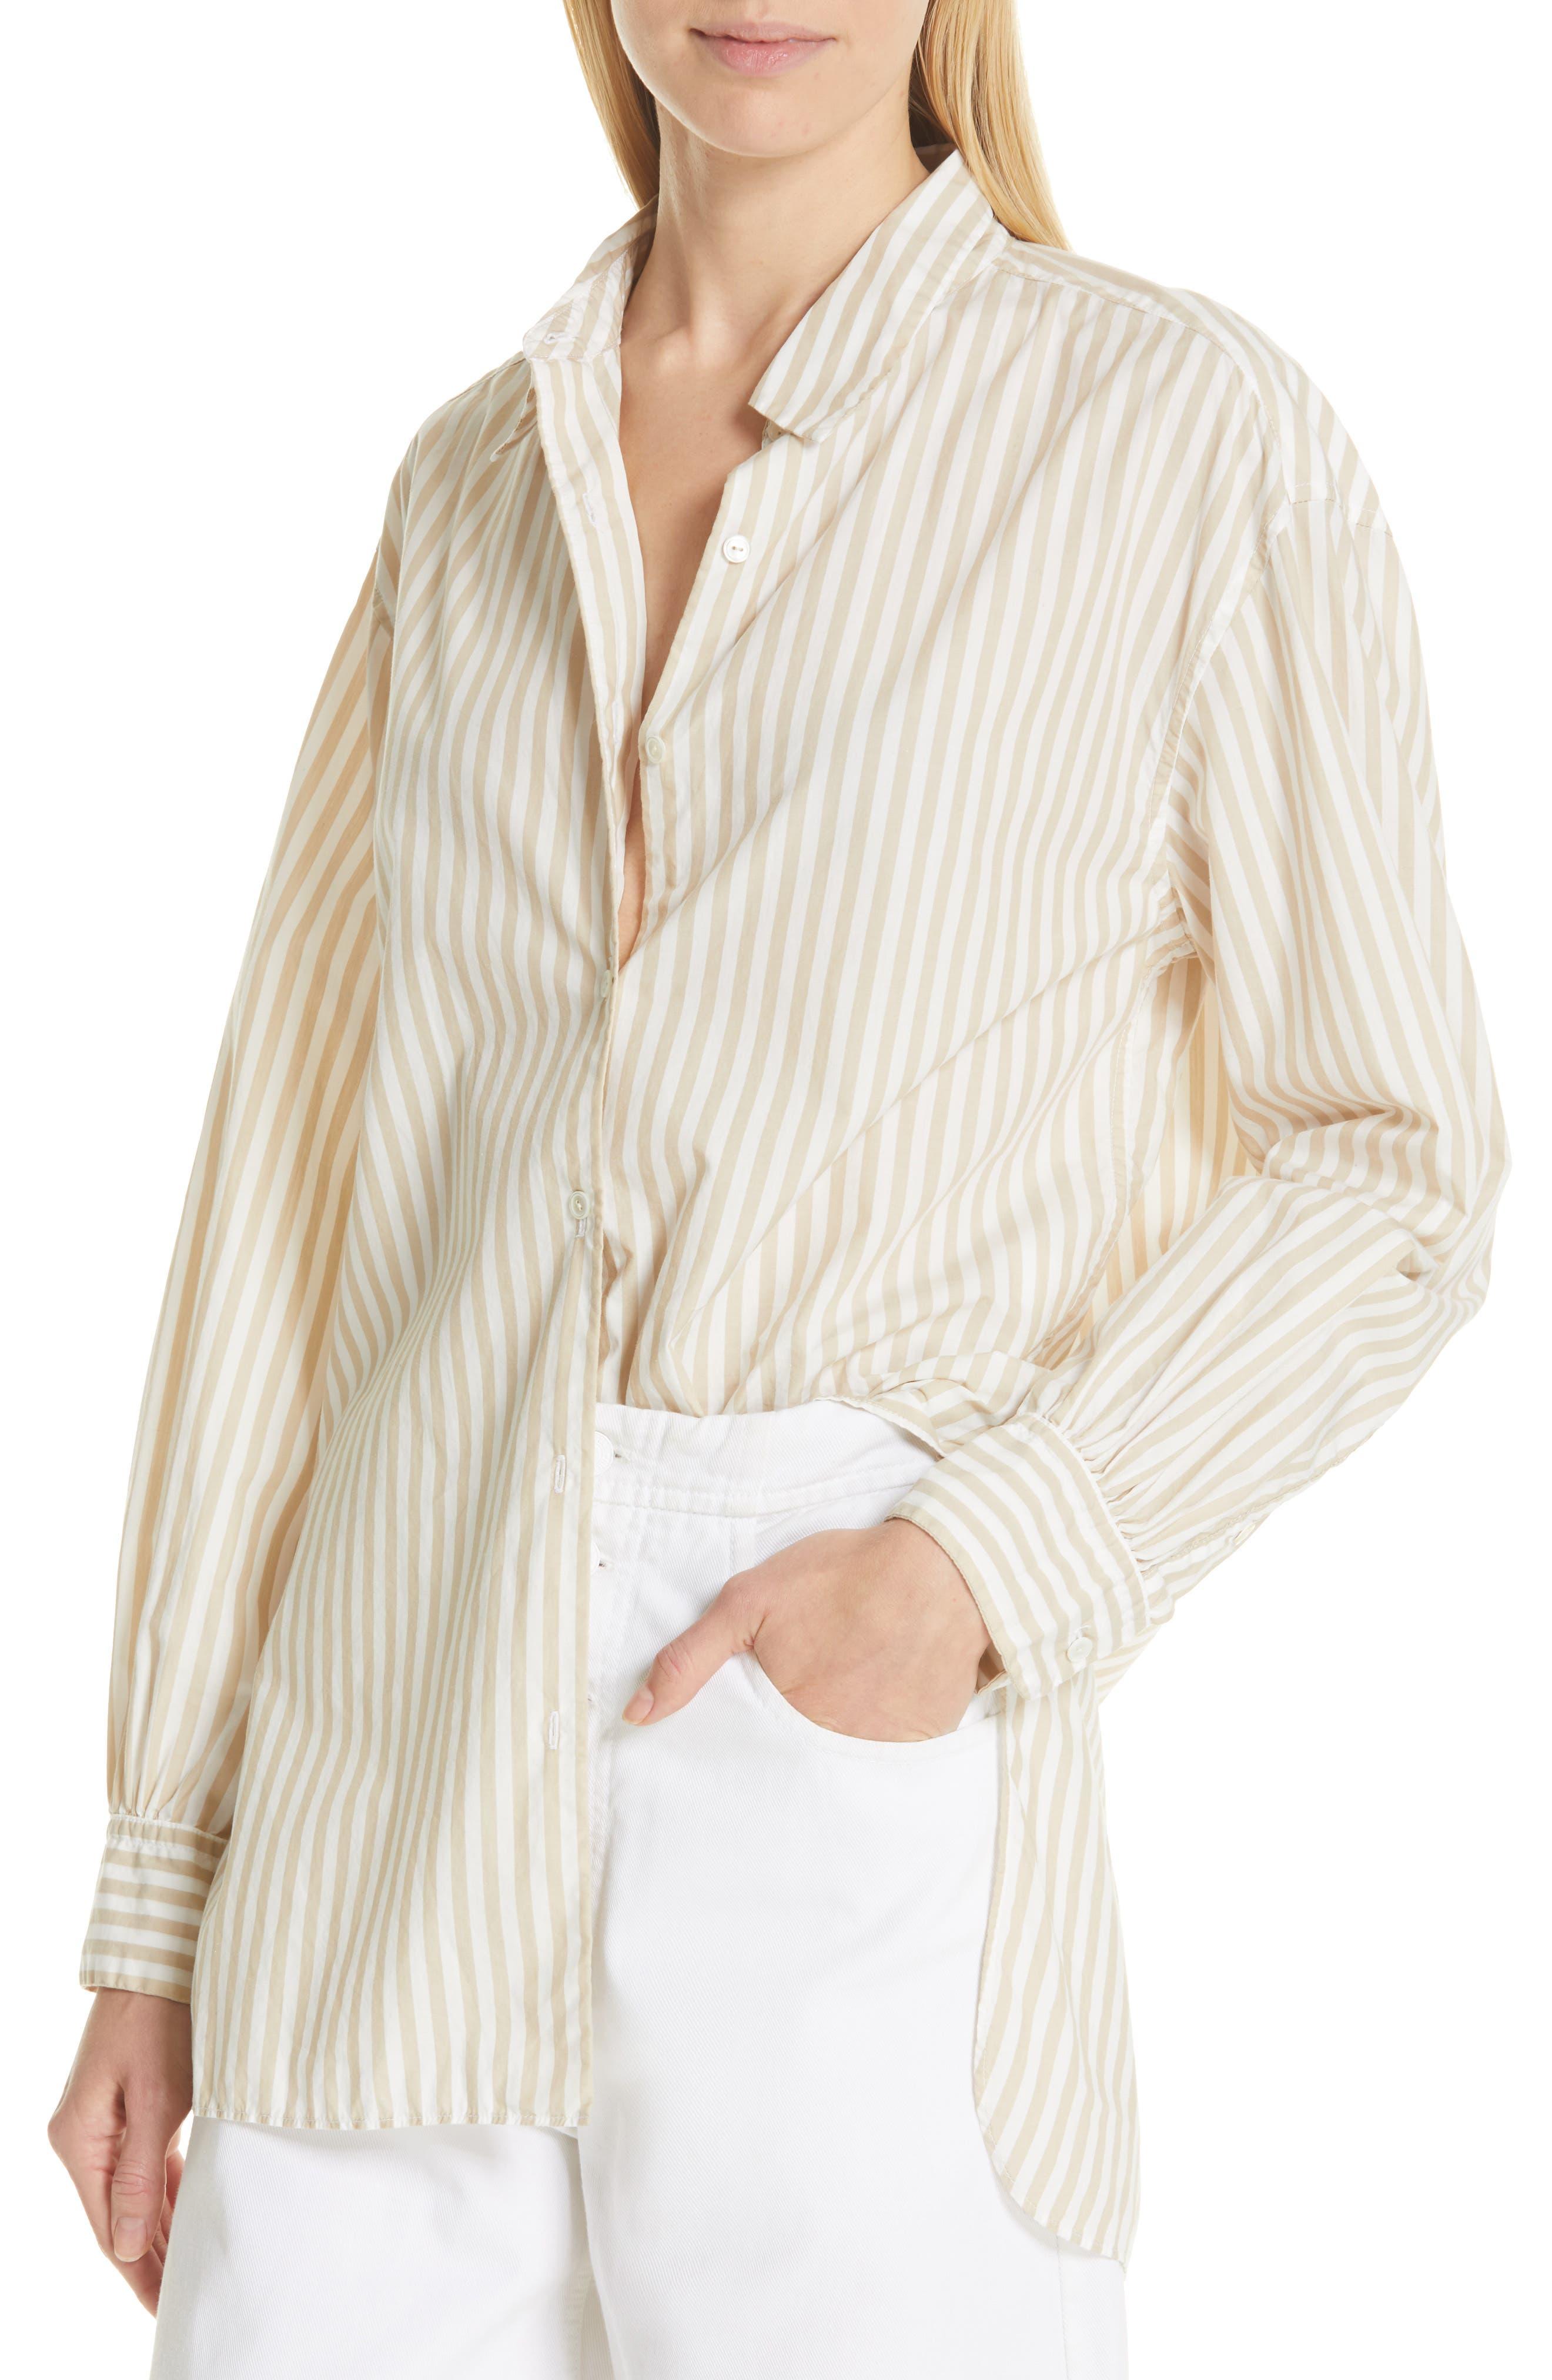 NILI LOTAN, Noa Stripe Shirt, Alternate thumbnail 4, color, TAN STRIPE